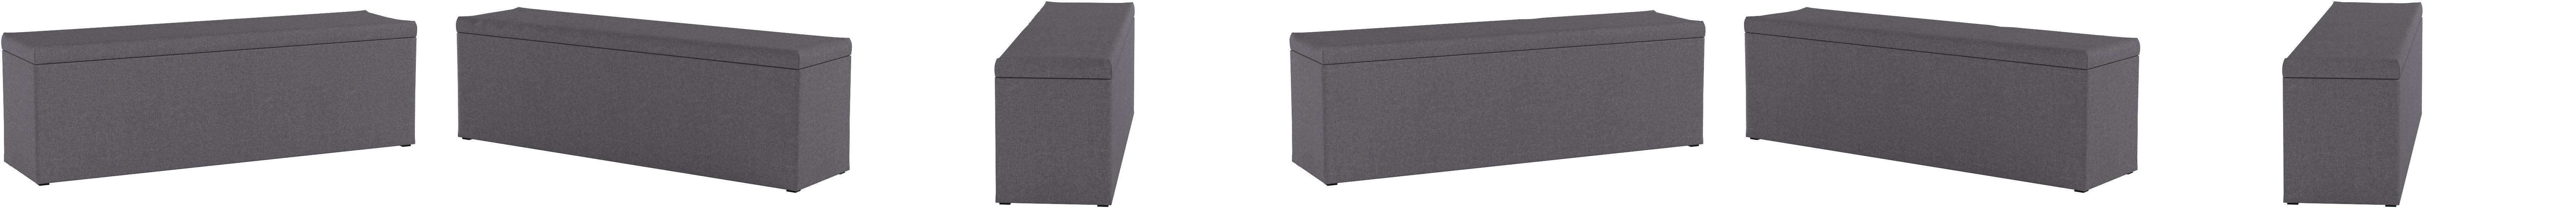 Furniture For Friends Muebles Alegría Nelli® Cama Box, Caja para Camas de Cama con somier y Acolchado Camas | baúl Asiento, en Varios tamaños y ...